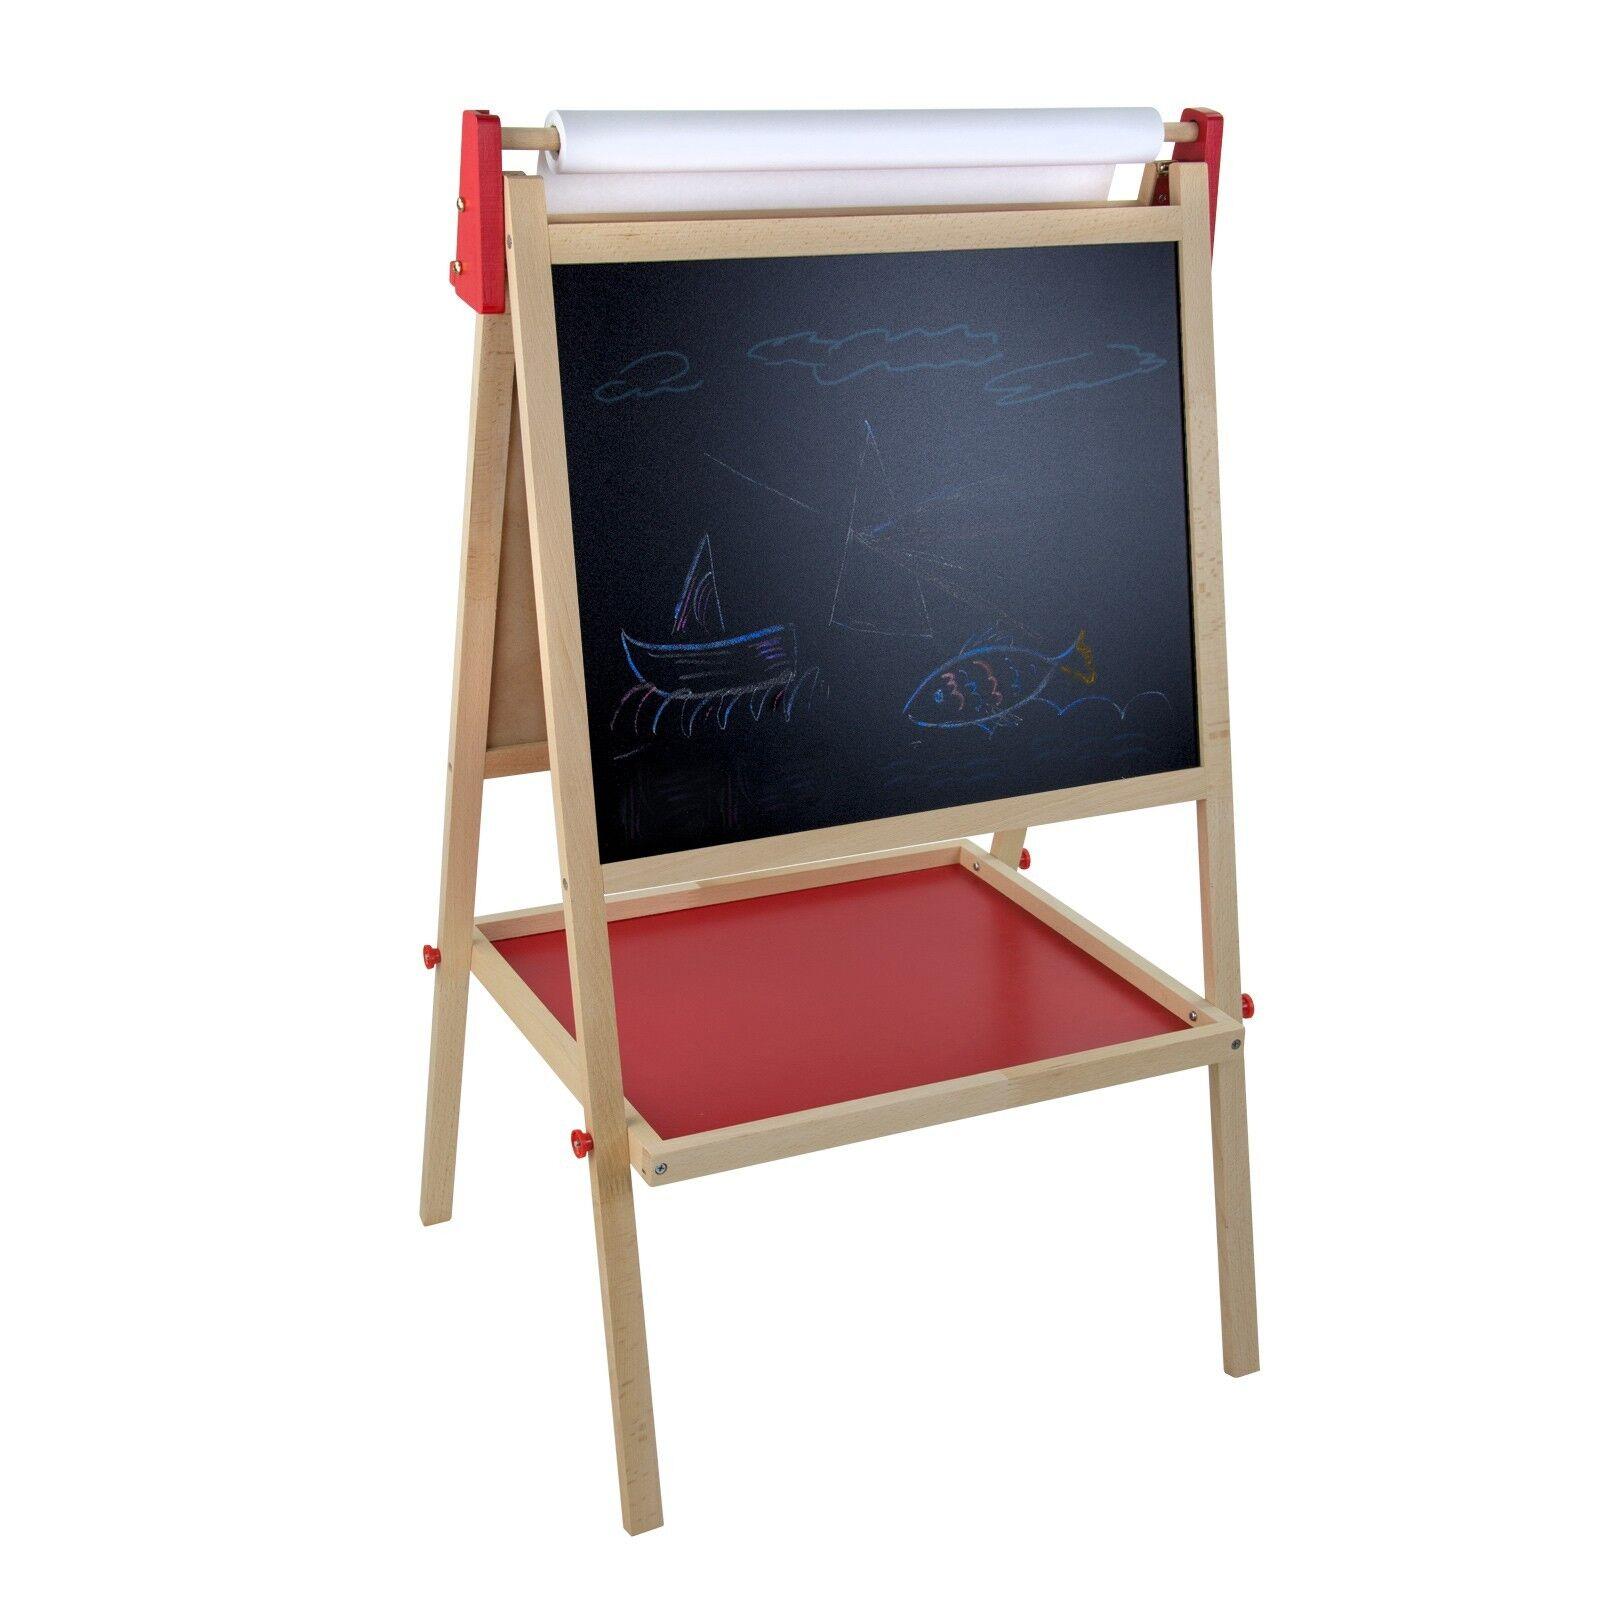 Kindertafel Standtafel Schultafel Maltafel Tafel doppelseitig mit Kreide | Billig  | Schnelle Lieferung  | Gutes Design